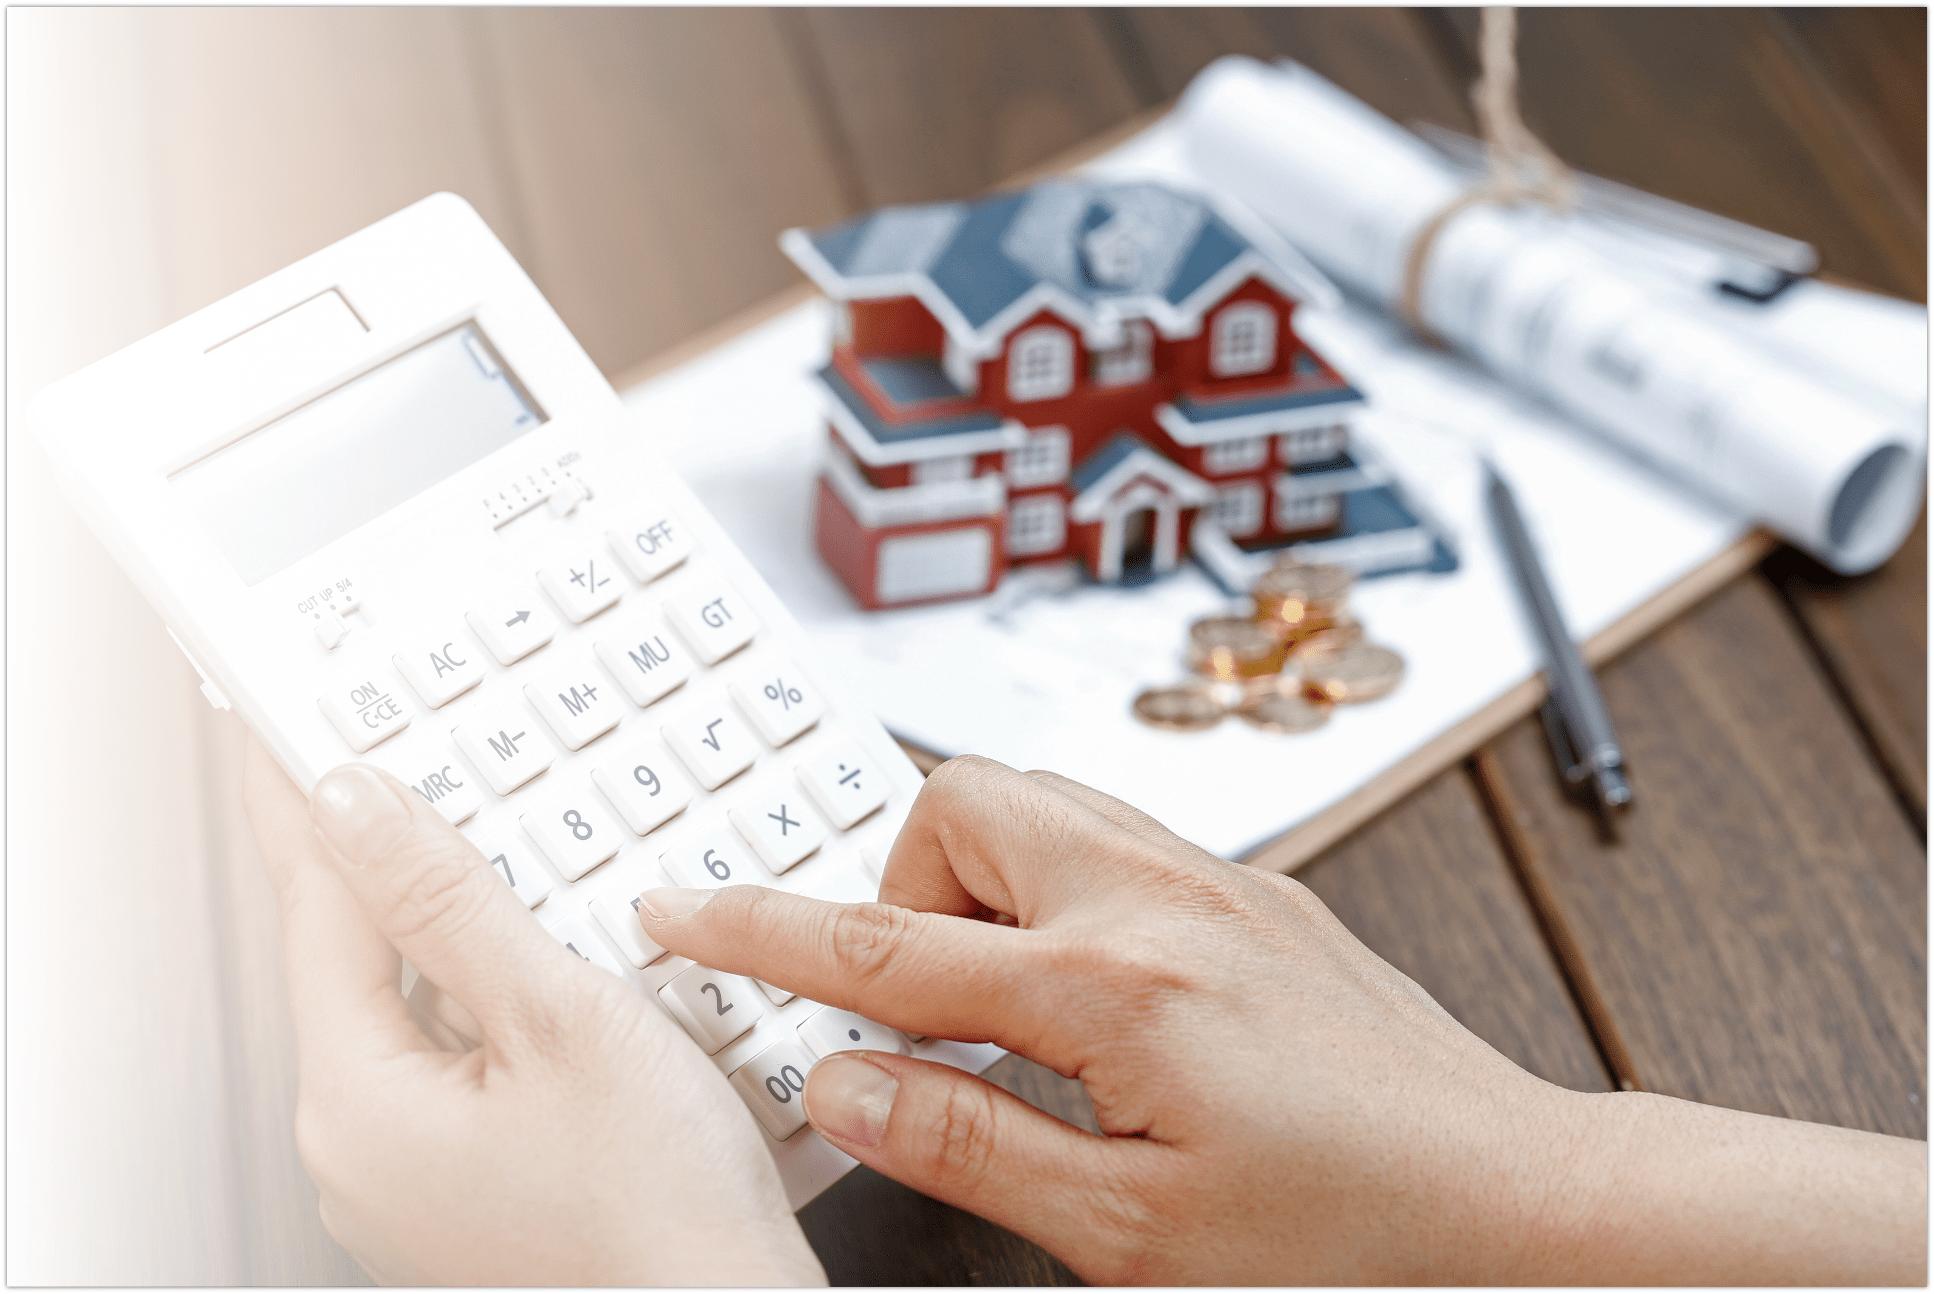 Beleihungswertemittlung-von-Immobilien